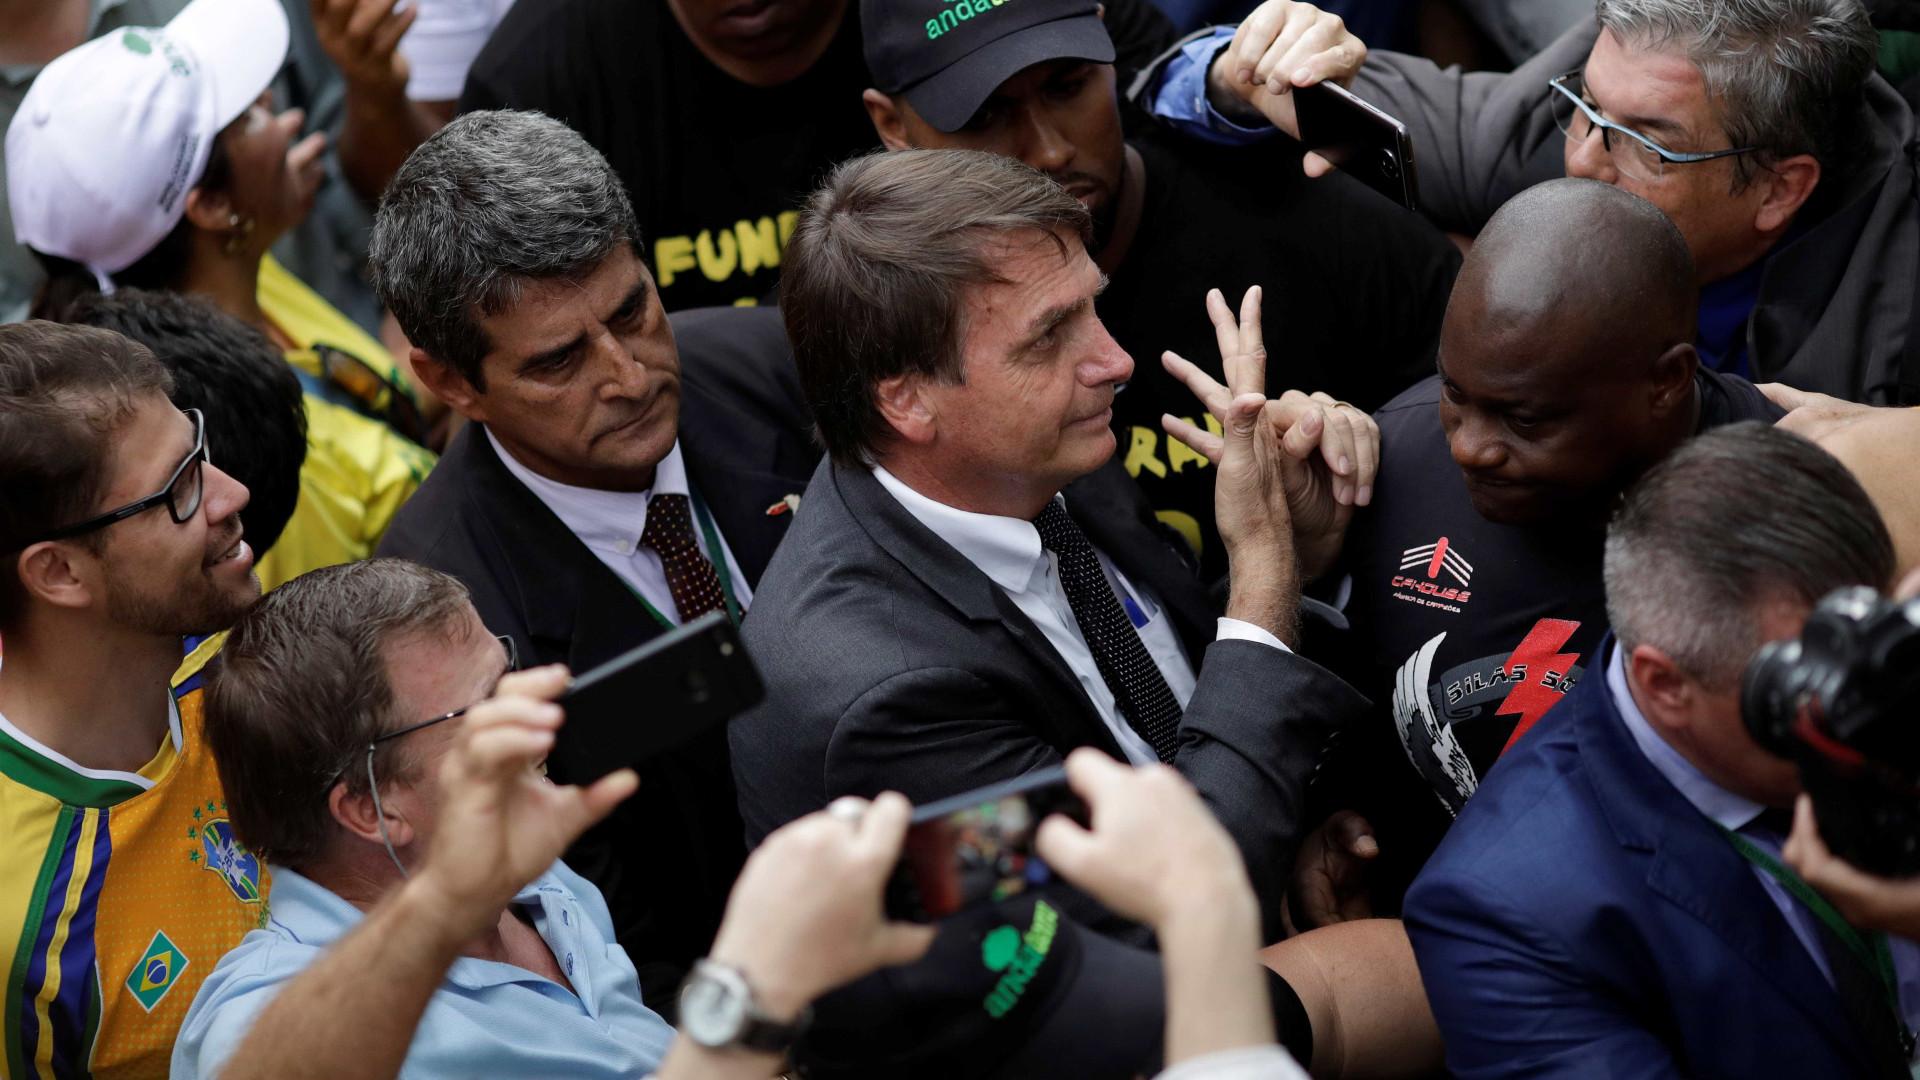 Com general, Bolsonaro vai à região marcada por repressão militar